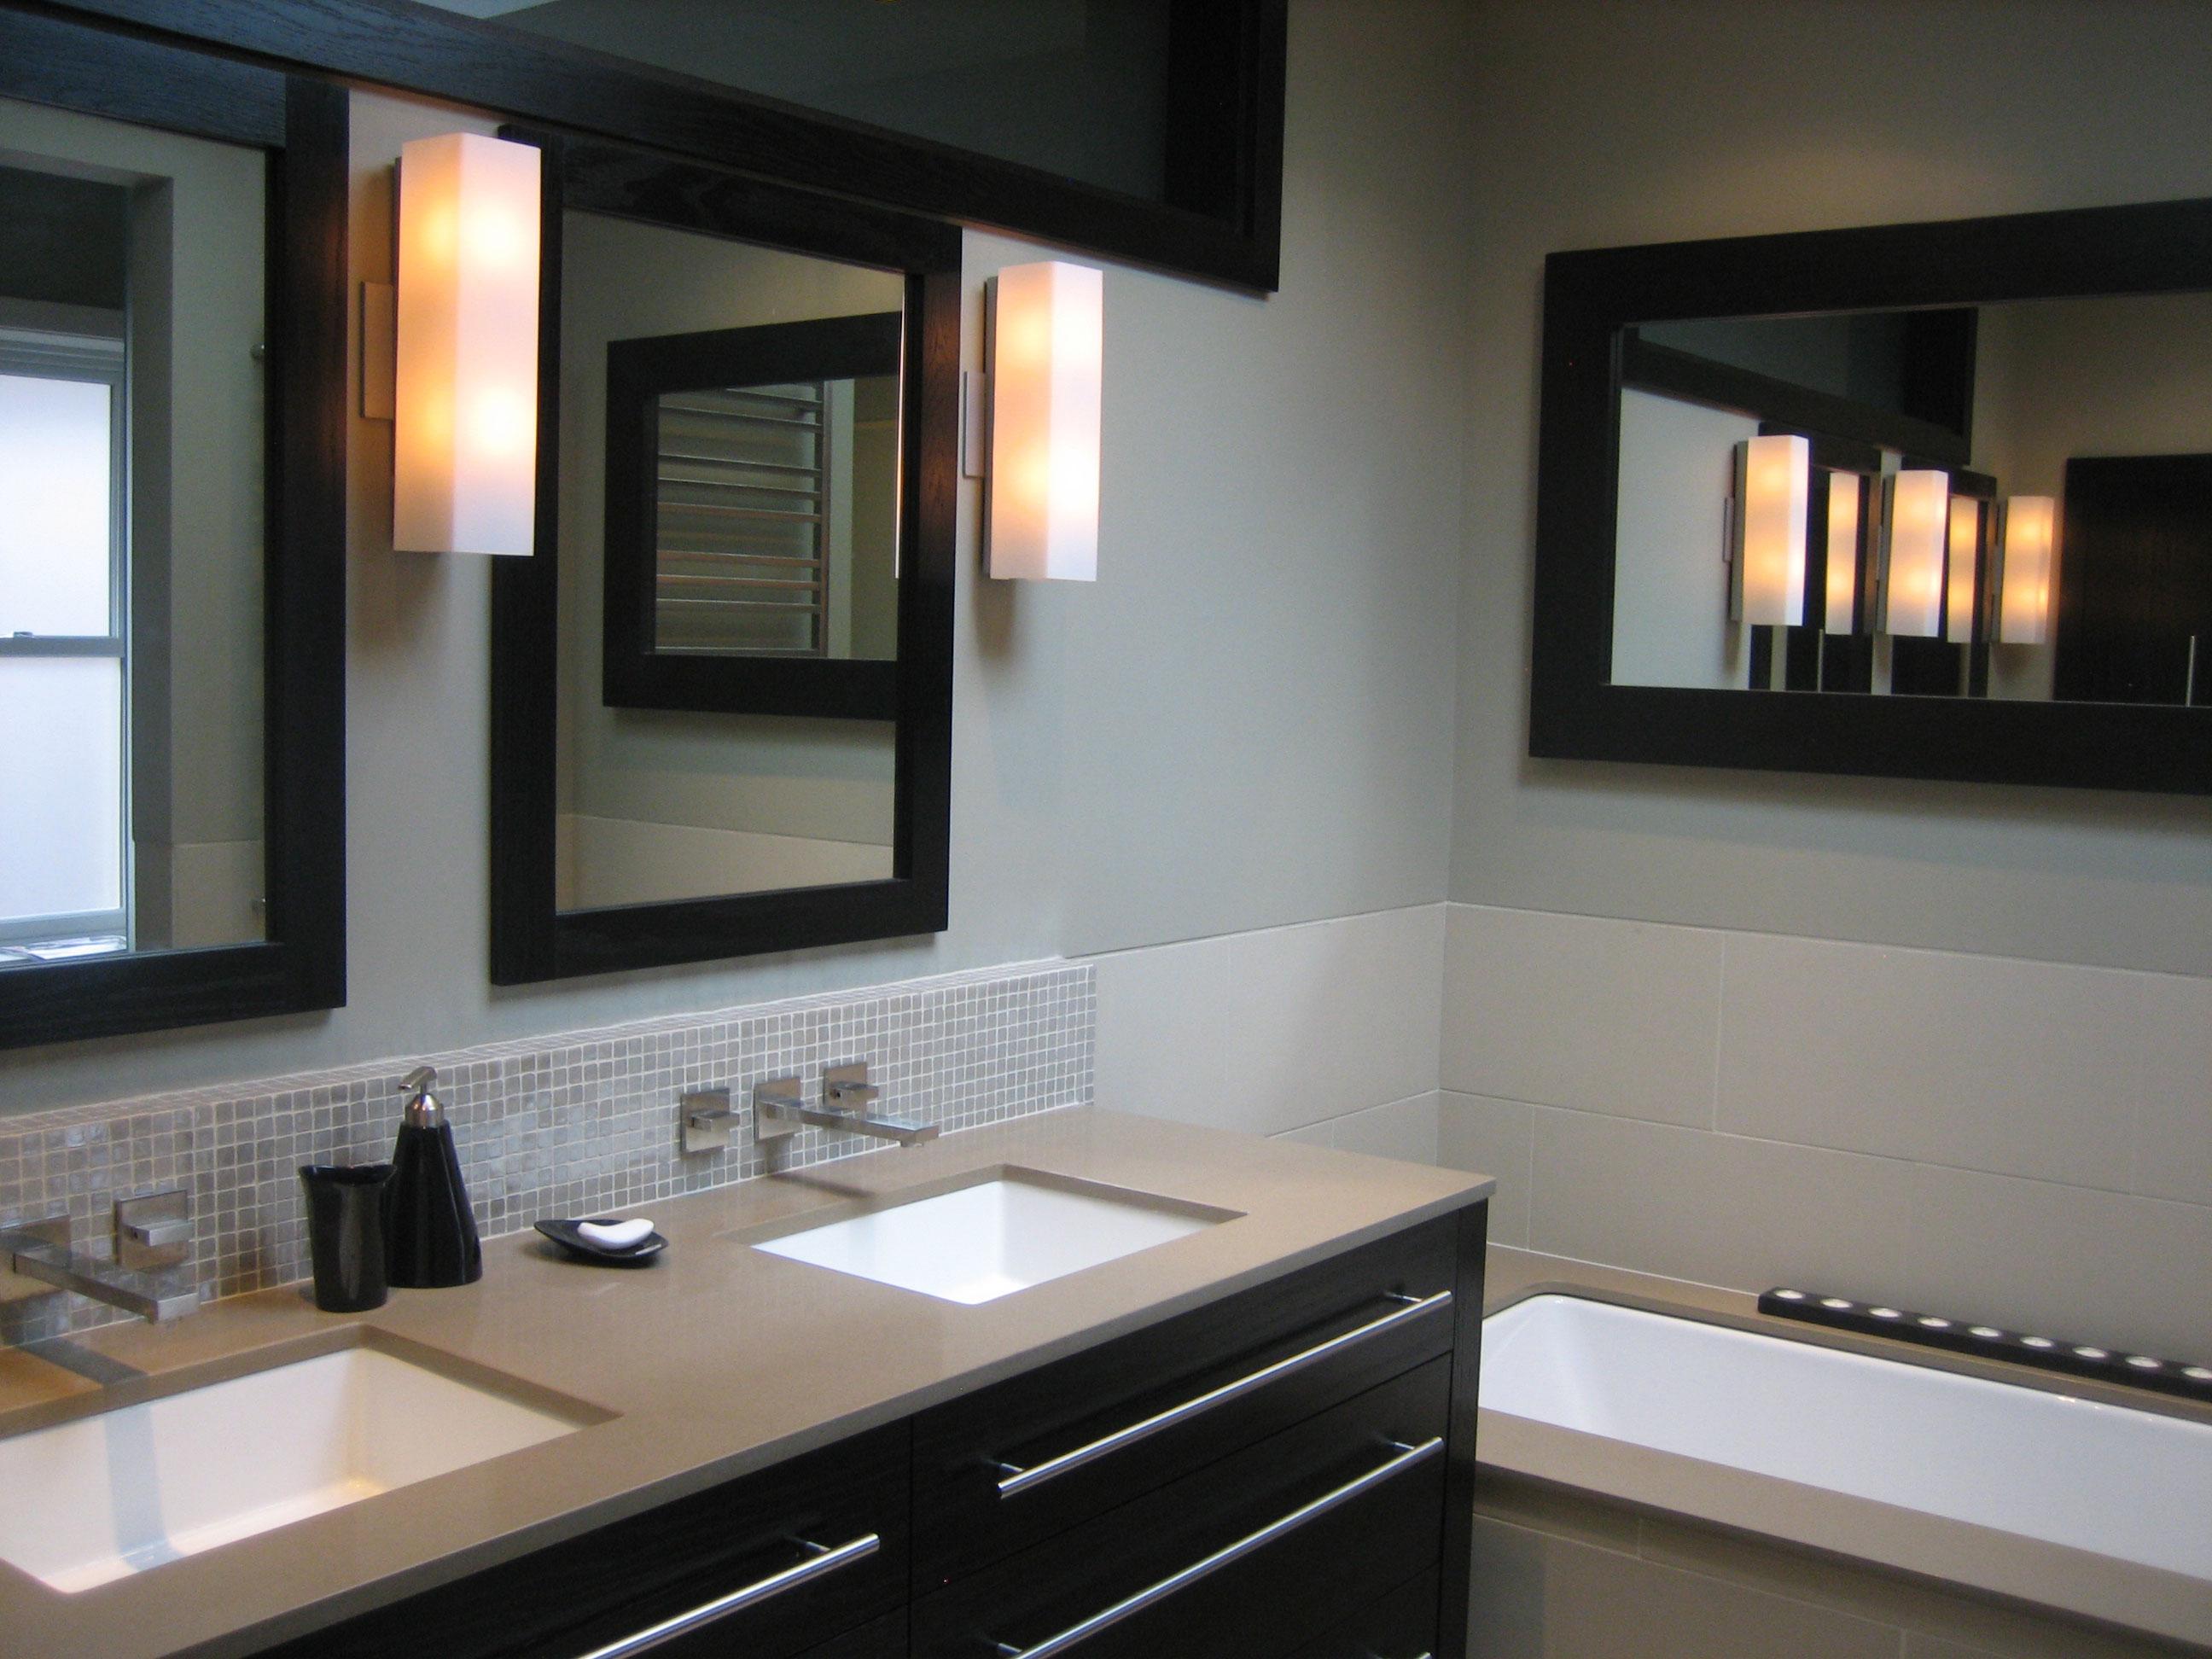 Refaire une petite salle de bain maison design for Refaire sa petite salle de bain